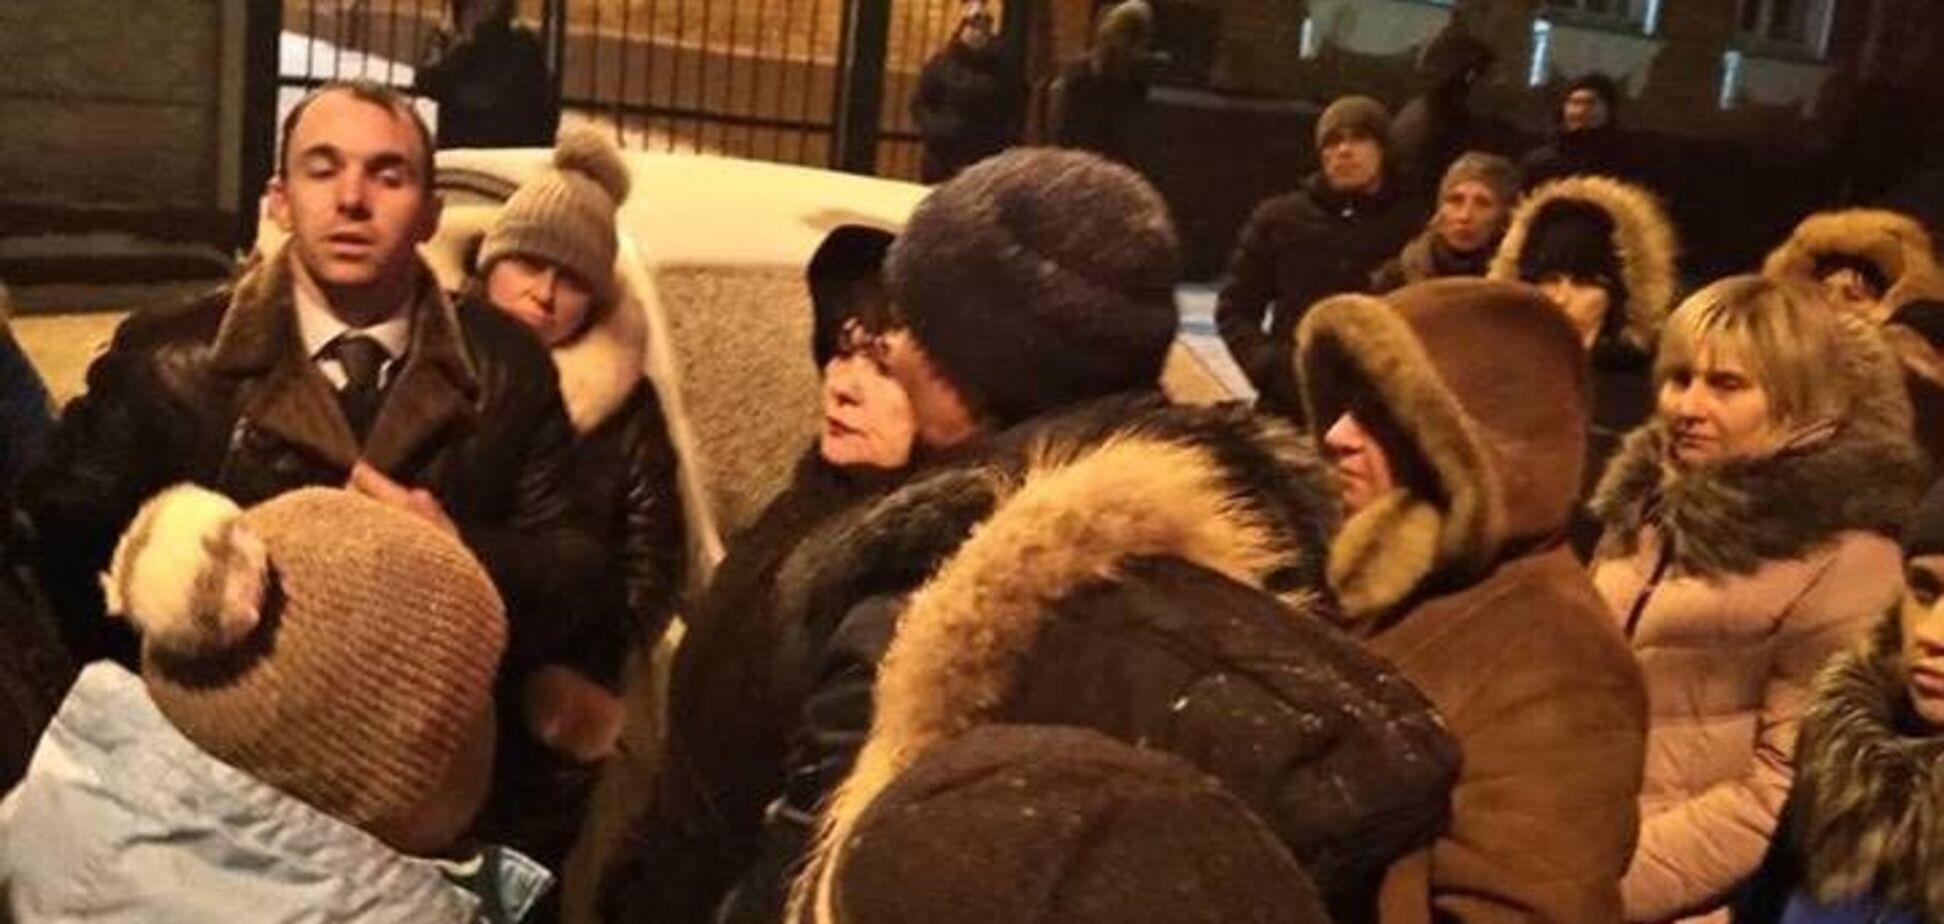 В Харькове из школы массово уволились учителя: что произошло